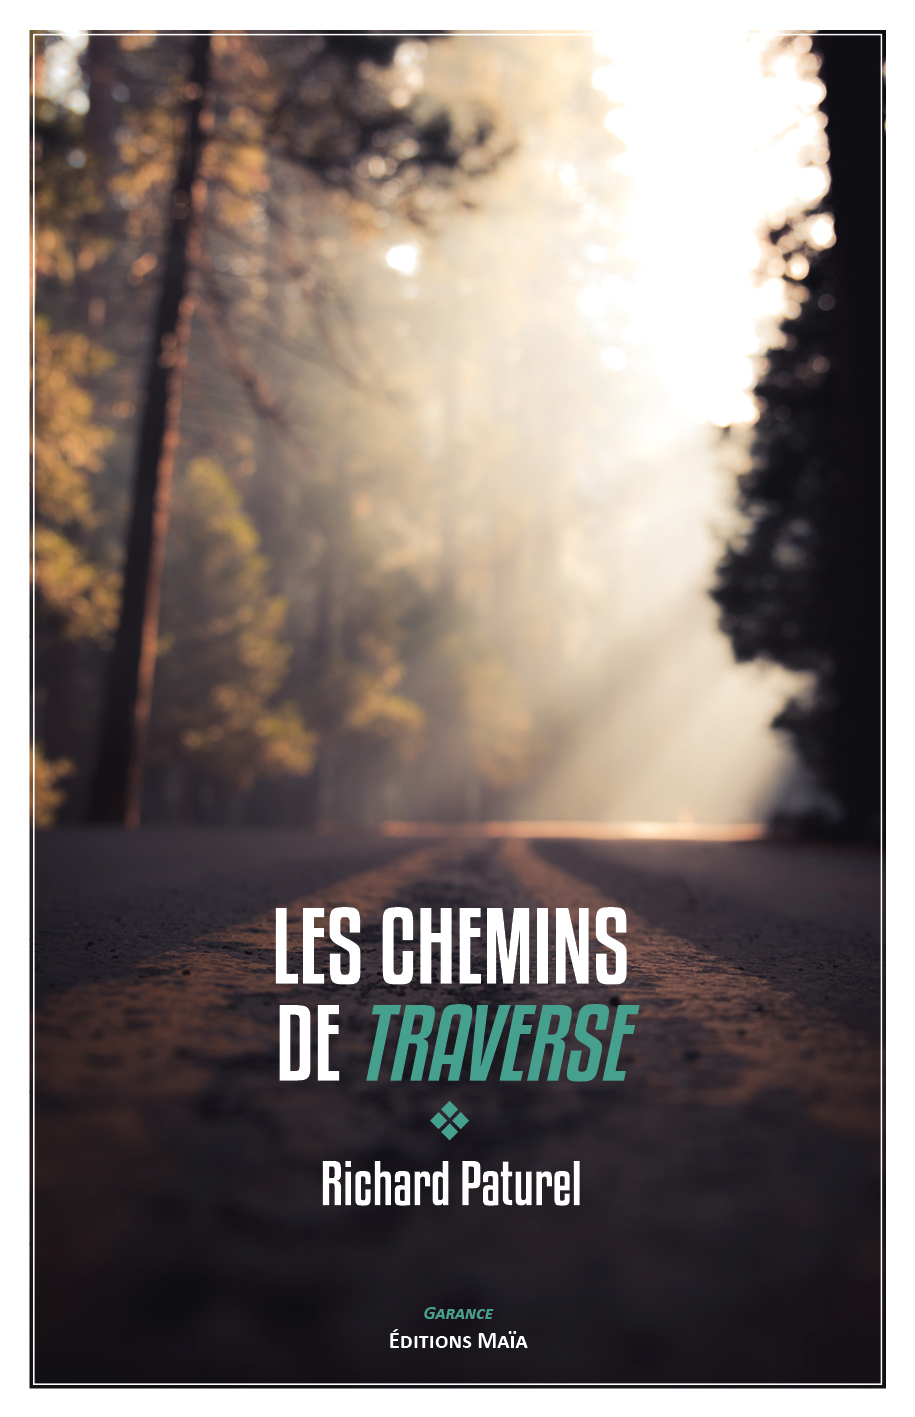 Entretien avec Richard Paturel – Les Chemins de traverse